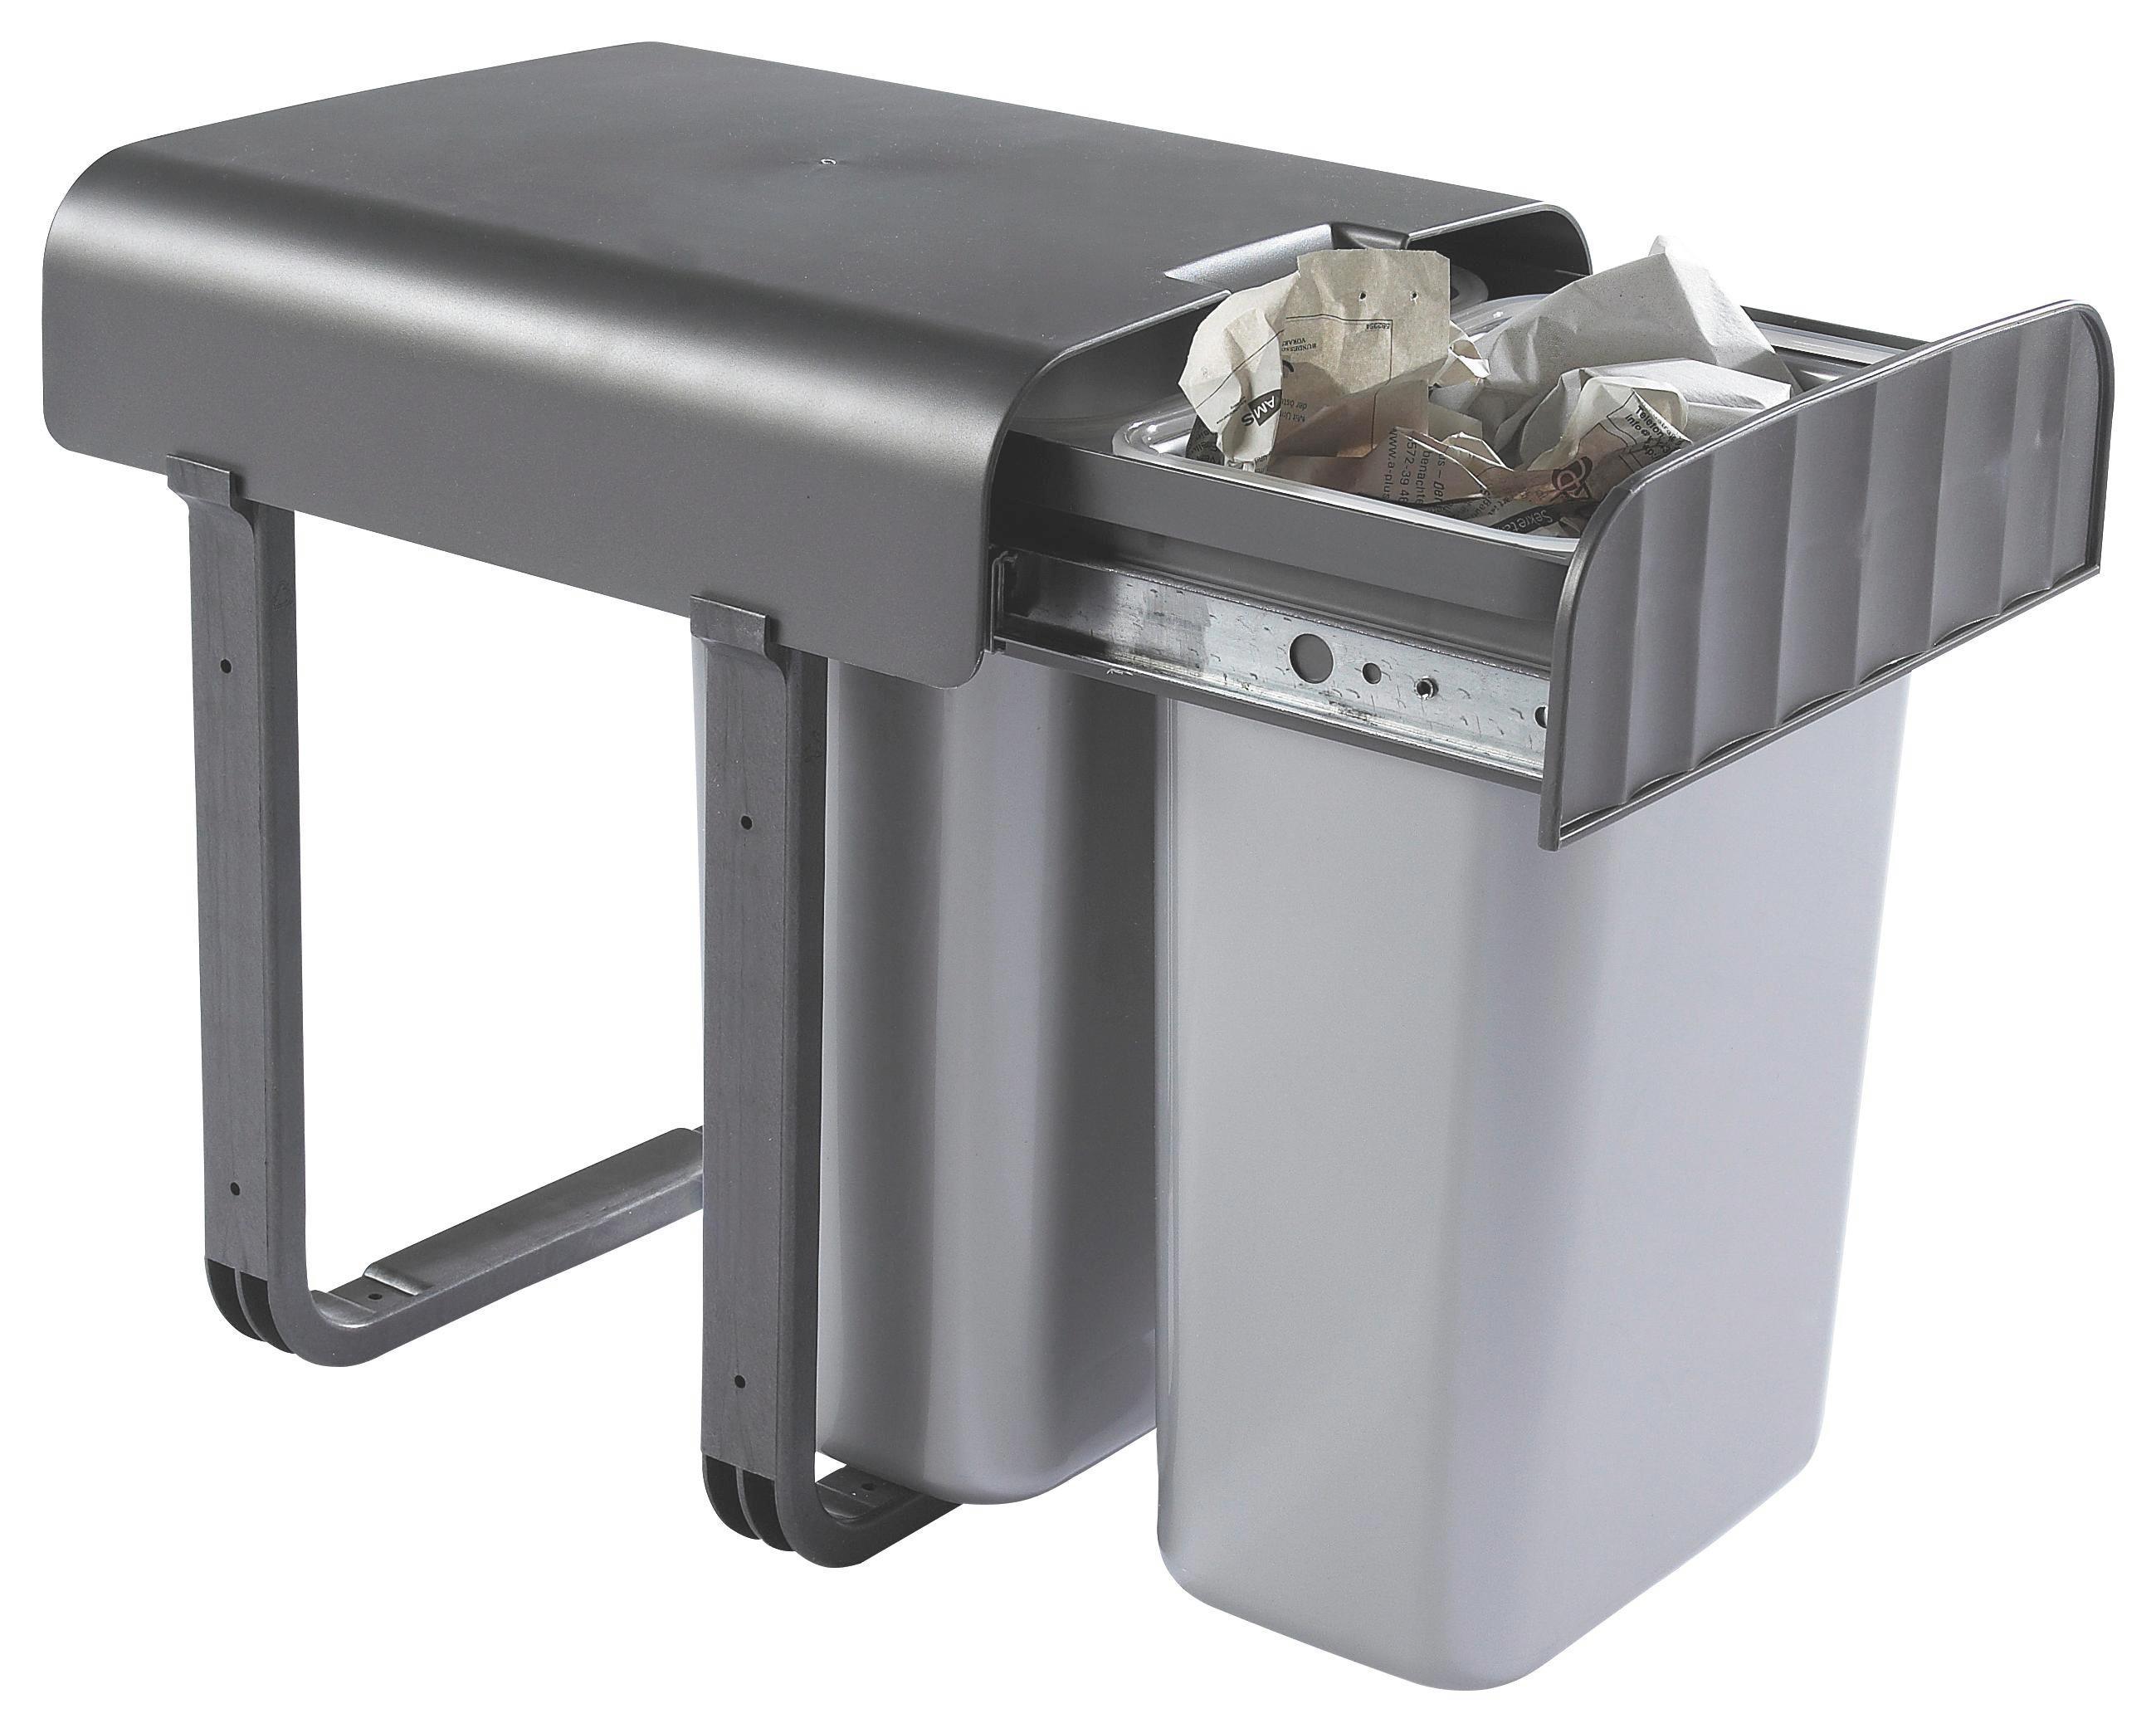 Abfalltrennung Kche Ikea Bilder Kleine Kche Ukche Planen Mit Regalen Unterbauleuchte Ohne